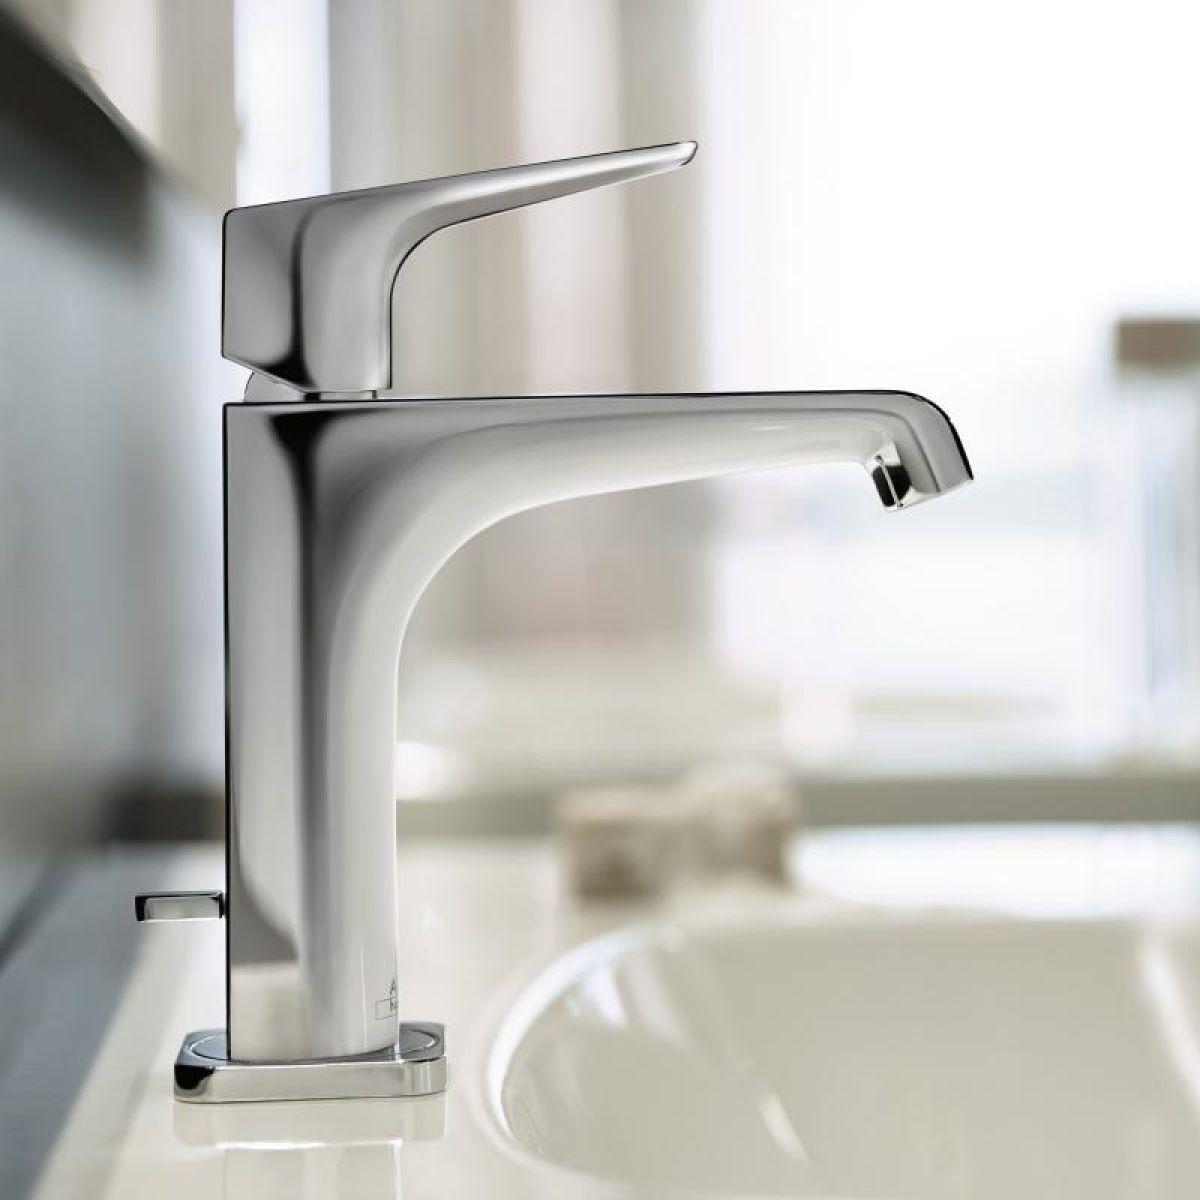 AXOR Citterio E 125 Basin Mixer Tap : UK Bathrooms